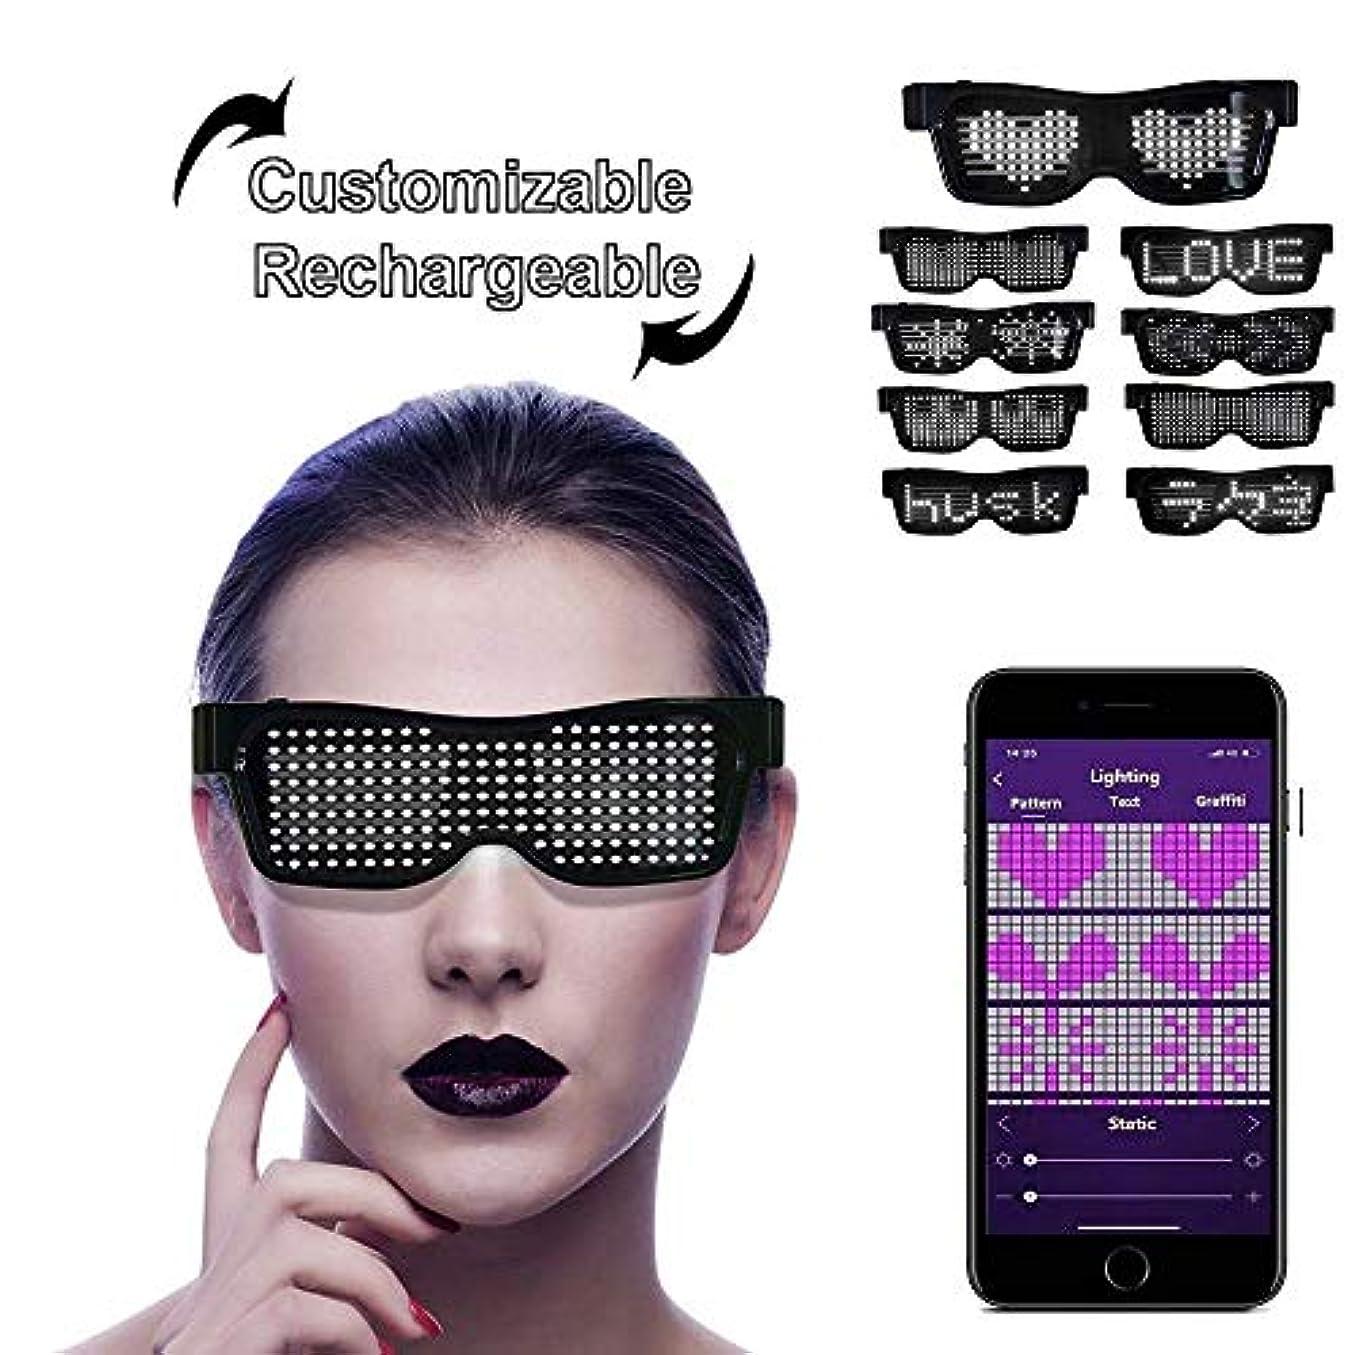 しおれたフォーマット衣類LEDサングラス, LEDメガネ ブルートゥースLEDパーティーメガネカスタマイズ可能なLEDメガネUSB充電式9モードワイヤレス点滅LEDディスプレイ、フェスティバル用グロー眼鏡レイヴパーティー